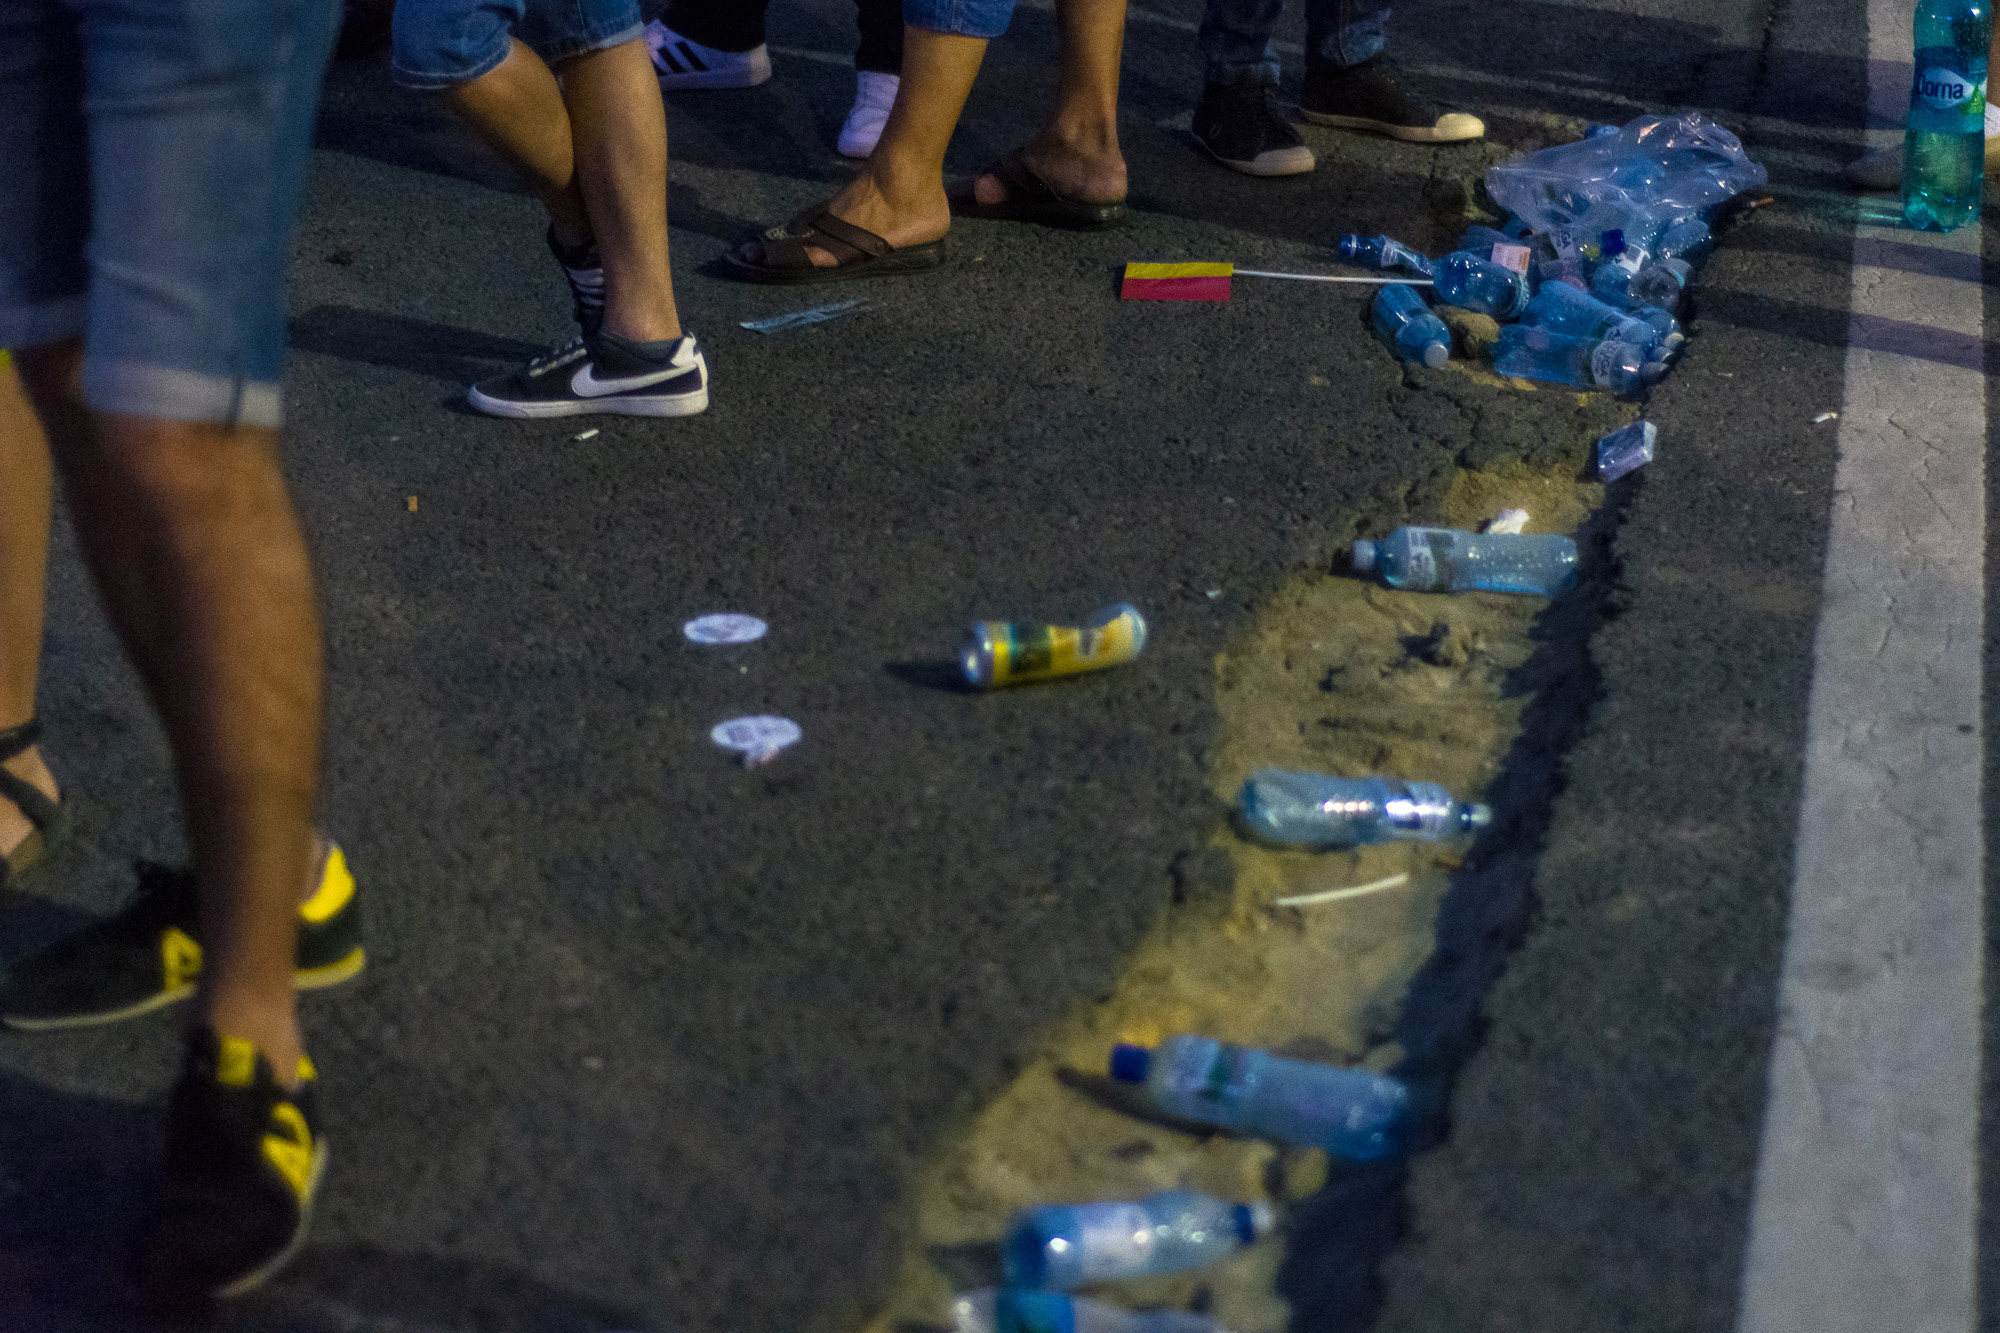 Dragnea - Cine va pierde de pe urma mitingului PSD-ALDE - Pagina 2 1528628101614-Miting-PSD-mizeria-din-urma-6